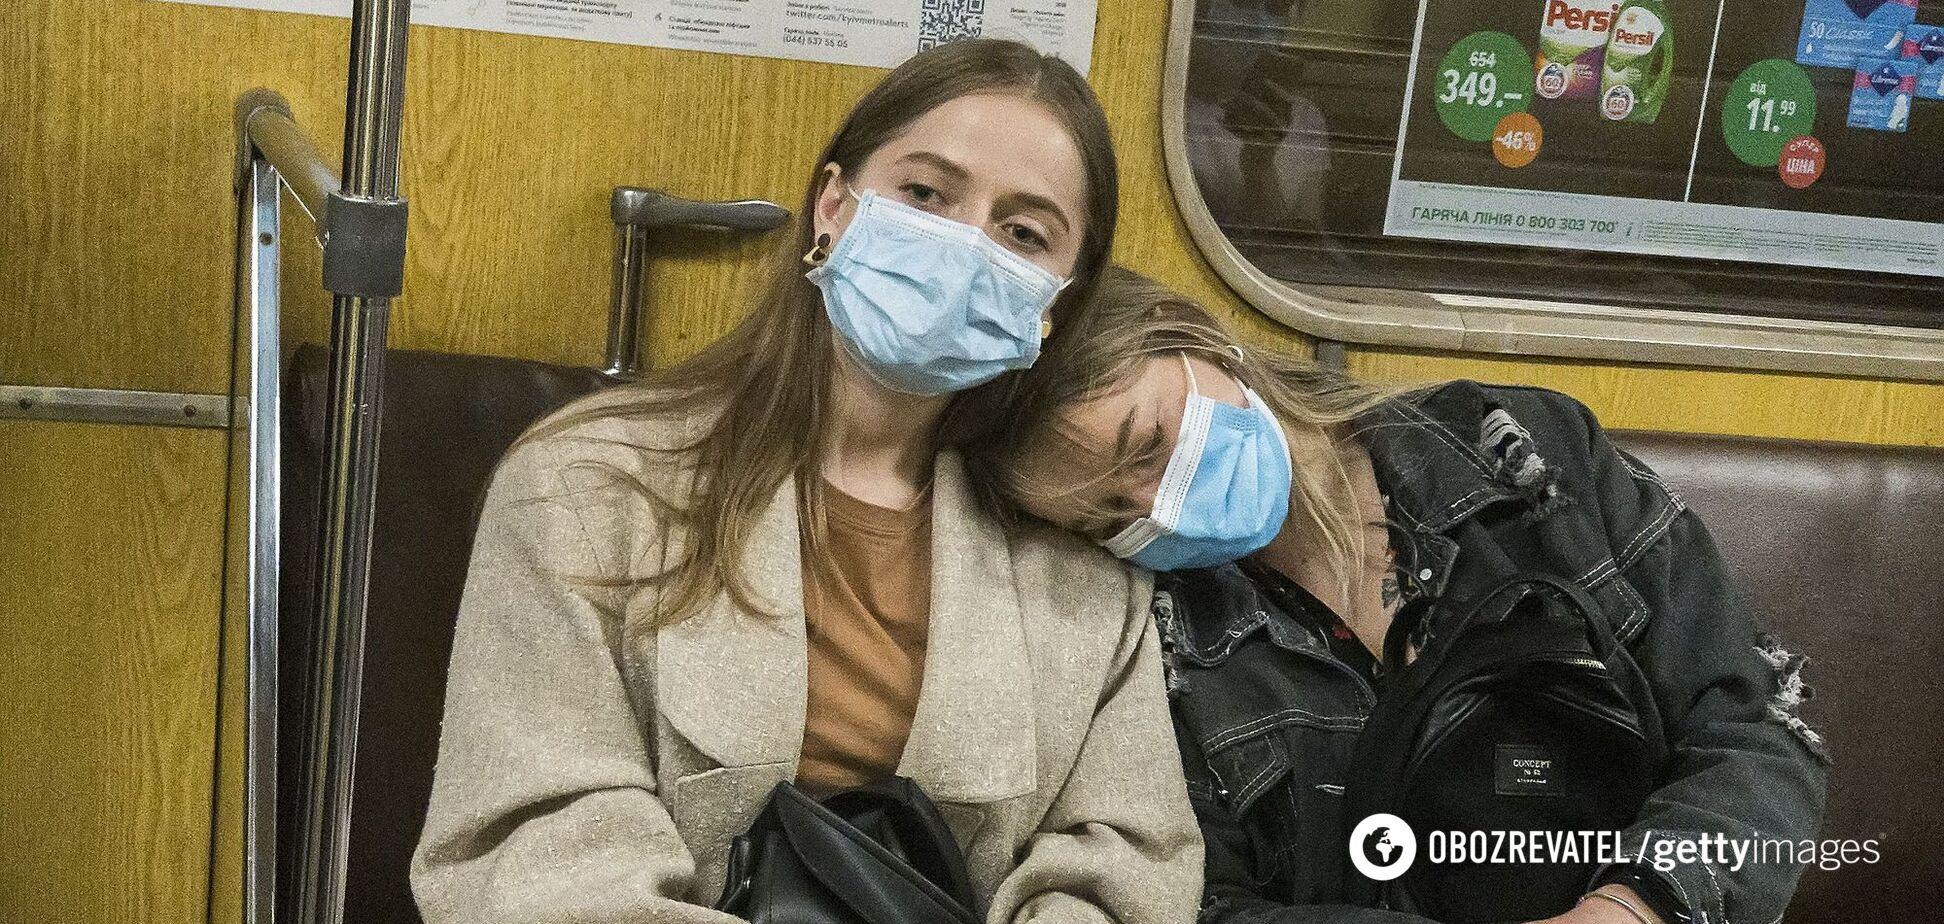 В Україні вперше зареєстрували понад 13 тисяч нових заражених COVID-19